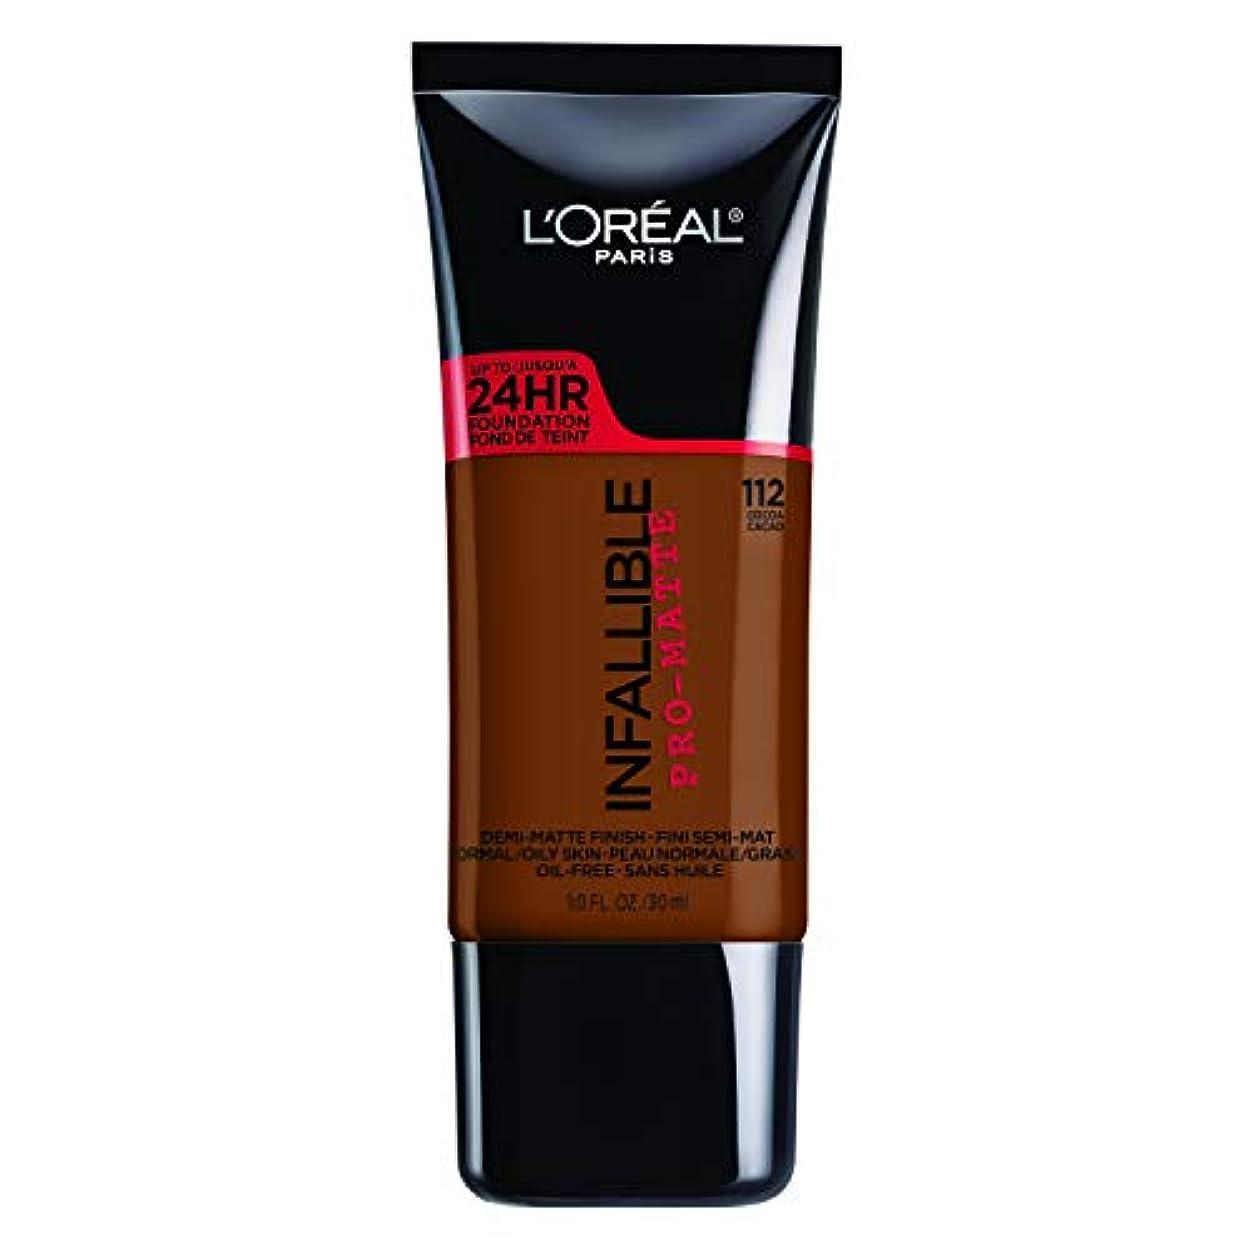 刺します売上高志すL'Oreal Paris Infallible Pro-Matte Foundation Makeup, 112 Cocoa, 1 fl. oz[並行輸入品]